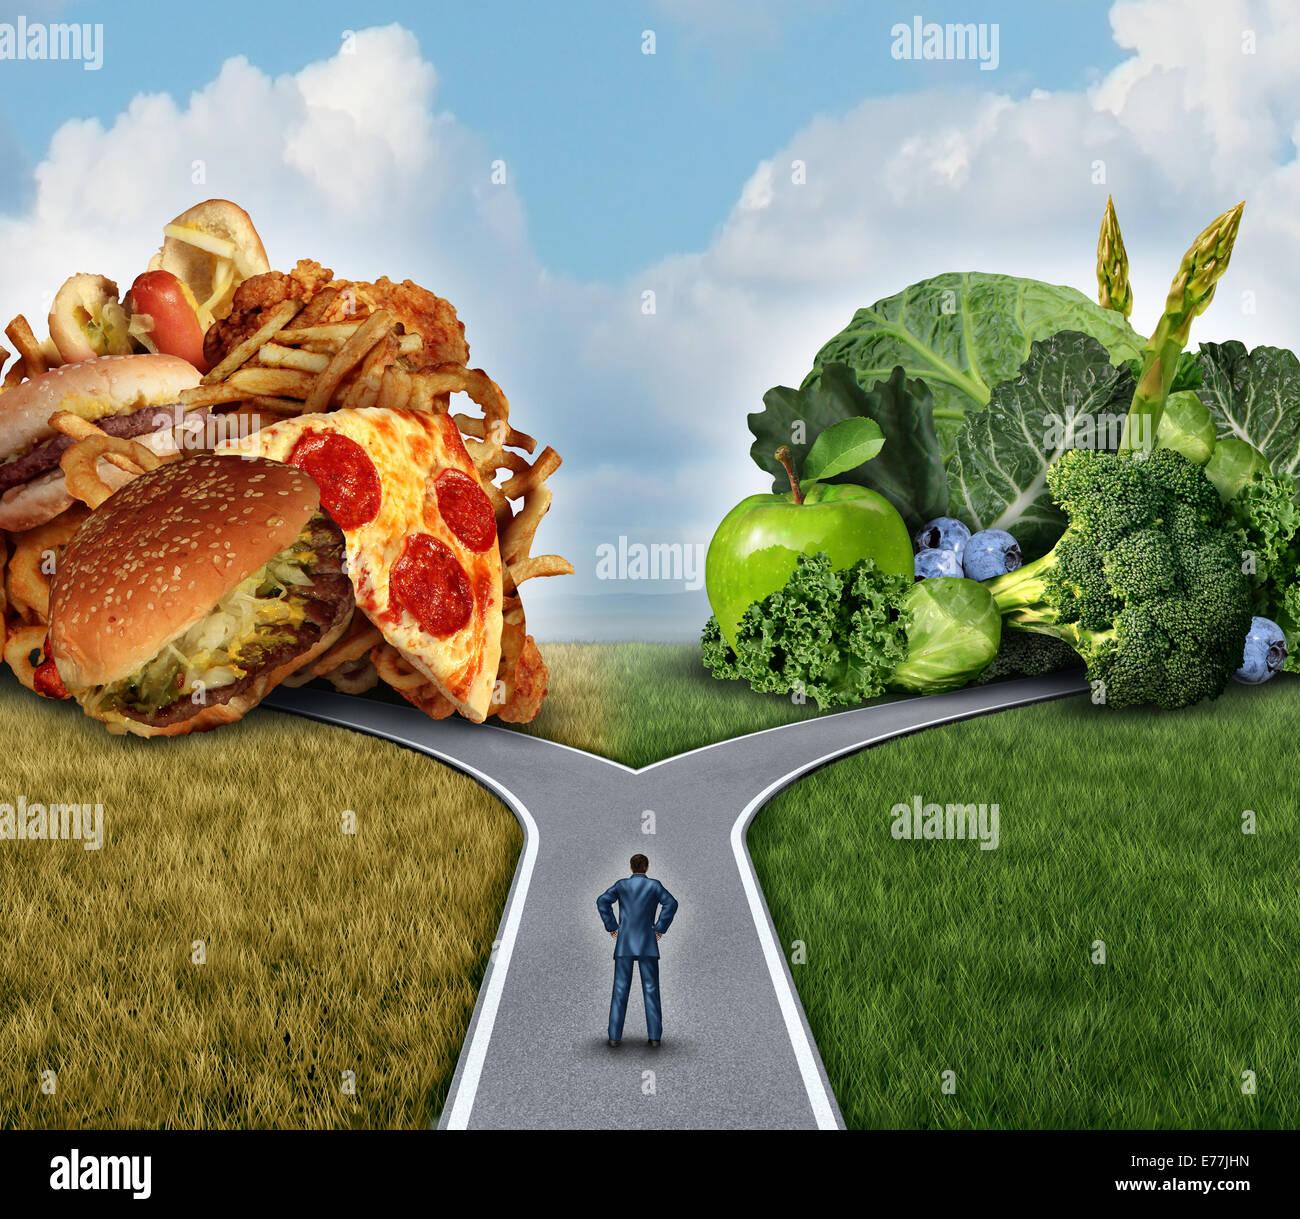 Ernährung Entscheidung Konzept und Ernährung Entscheidungen Dilemma zwischen gesunden gutes frisches Obst Stockbild